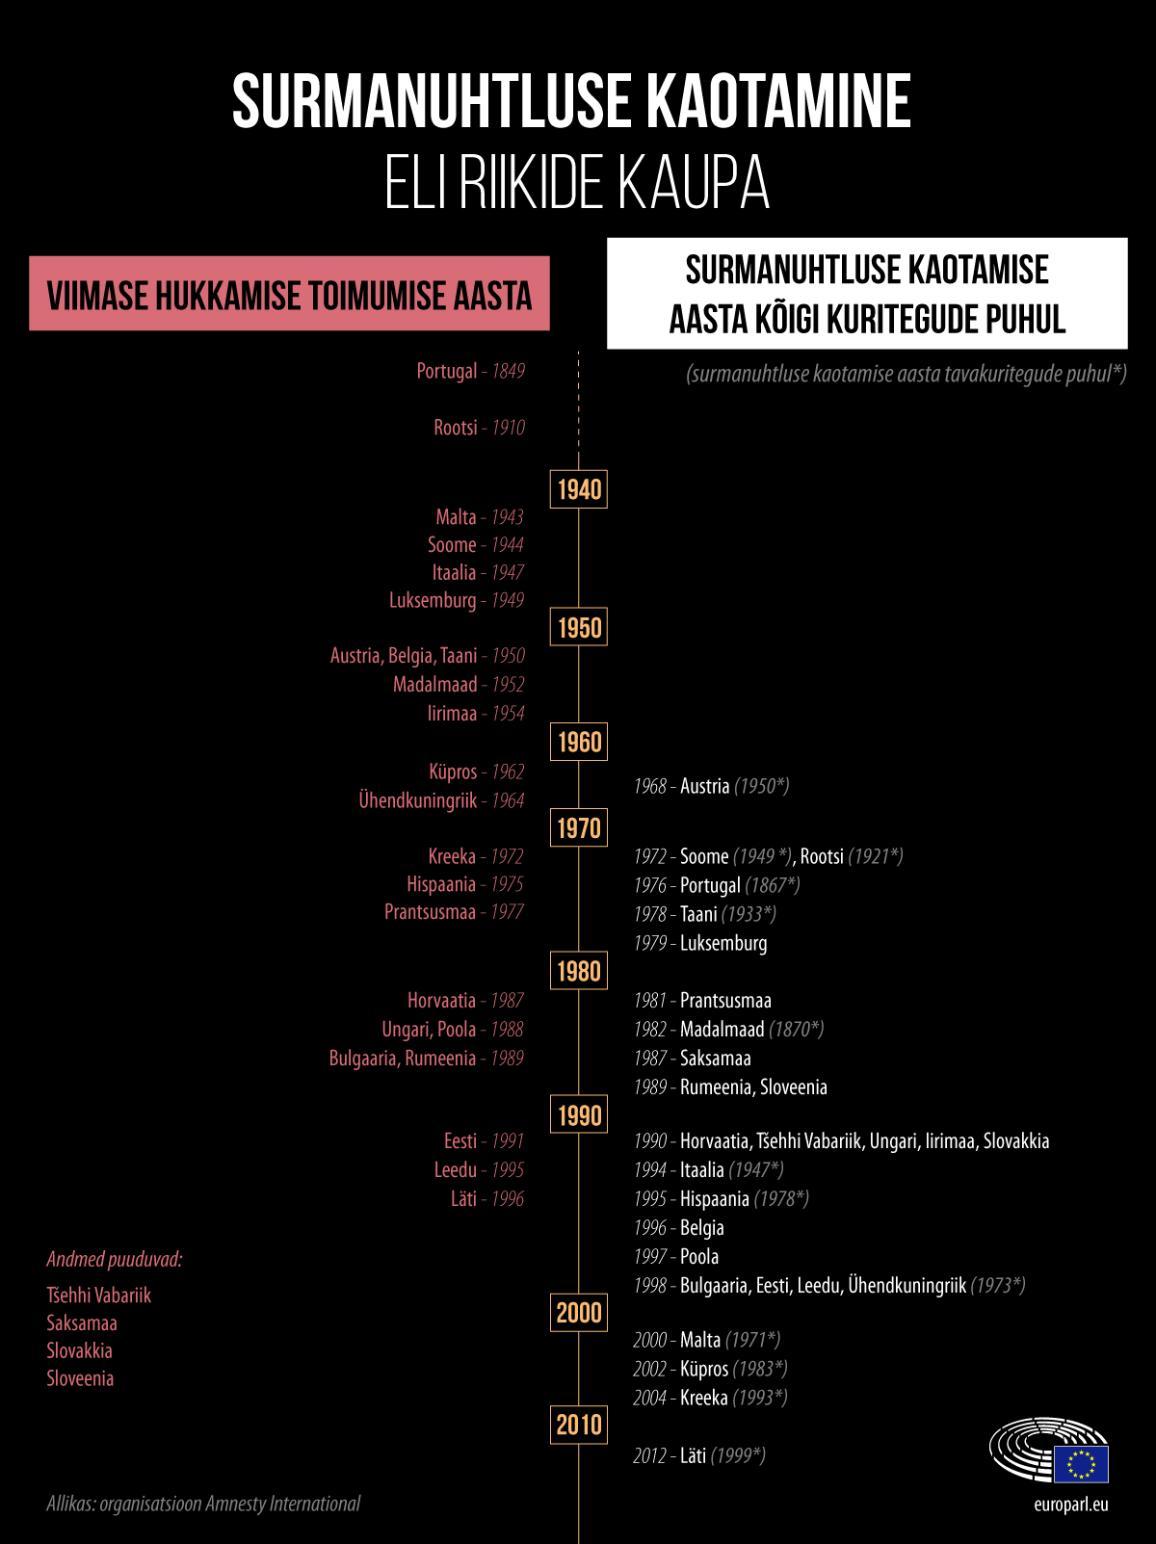 Euroopa Liit: tavakuritegude ja kõigi kuritegude eest surmanuhtluse kaotamise kronoloogia